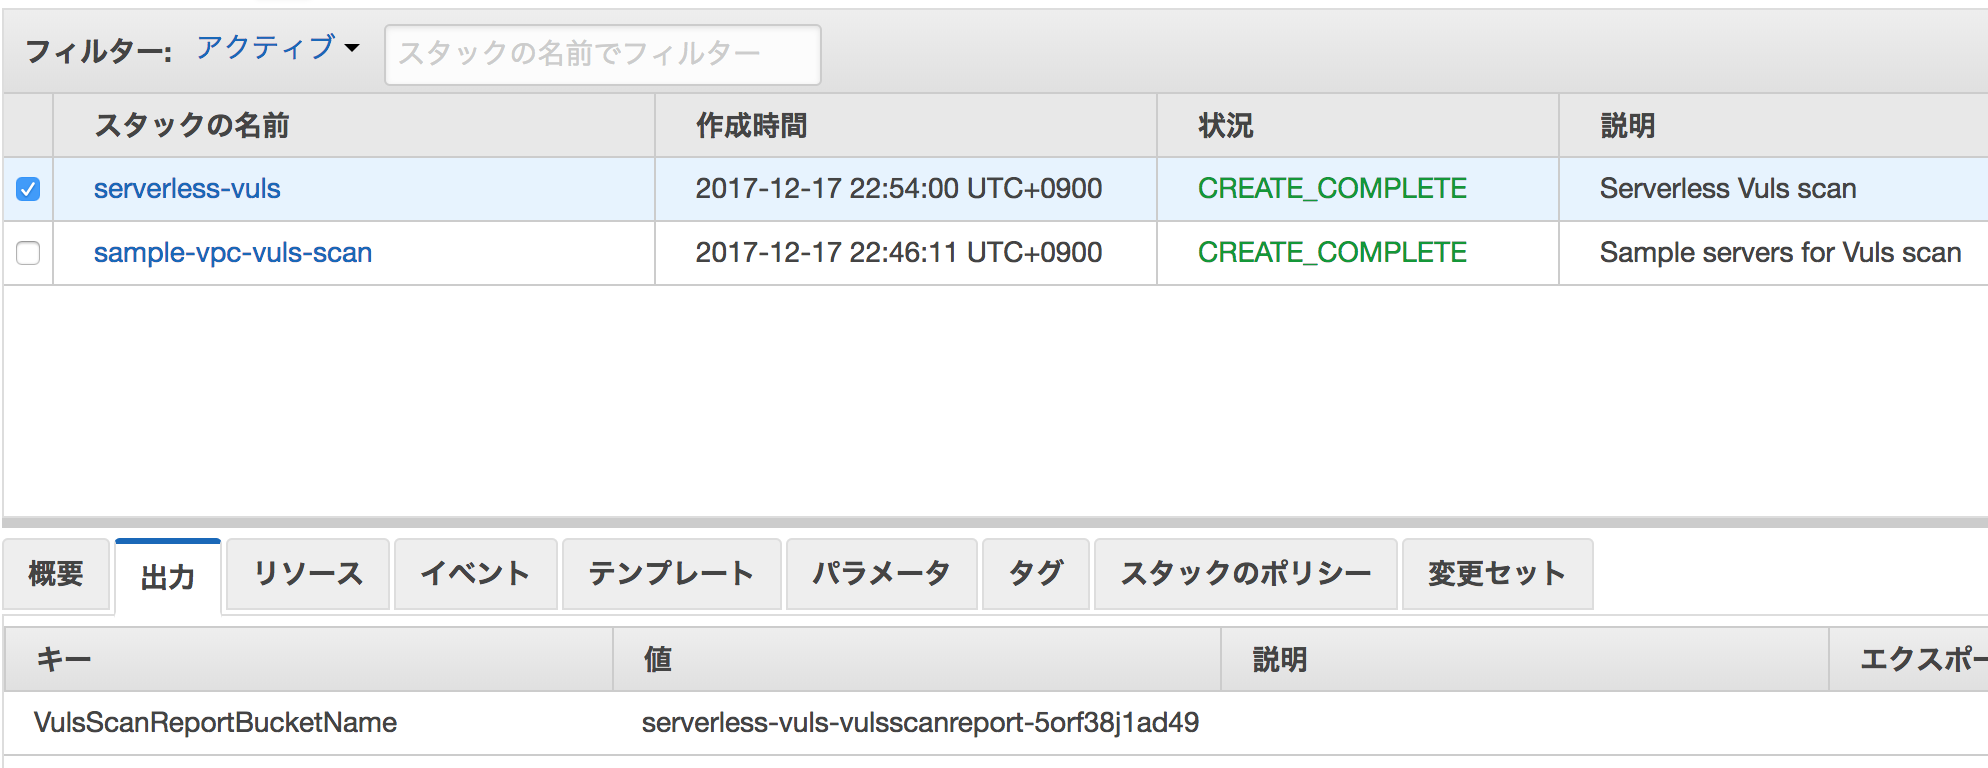 https://contents.blog.jicoman.info/2017/12/serverless-vuls-7.png